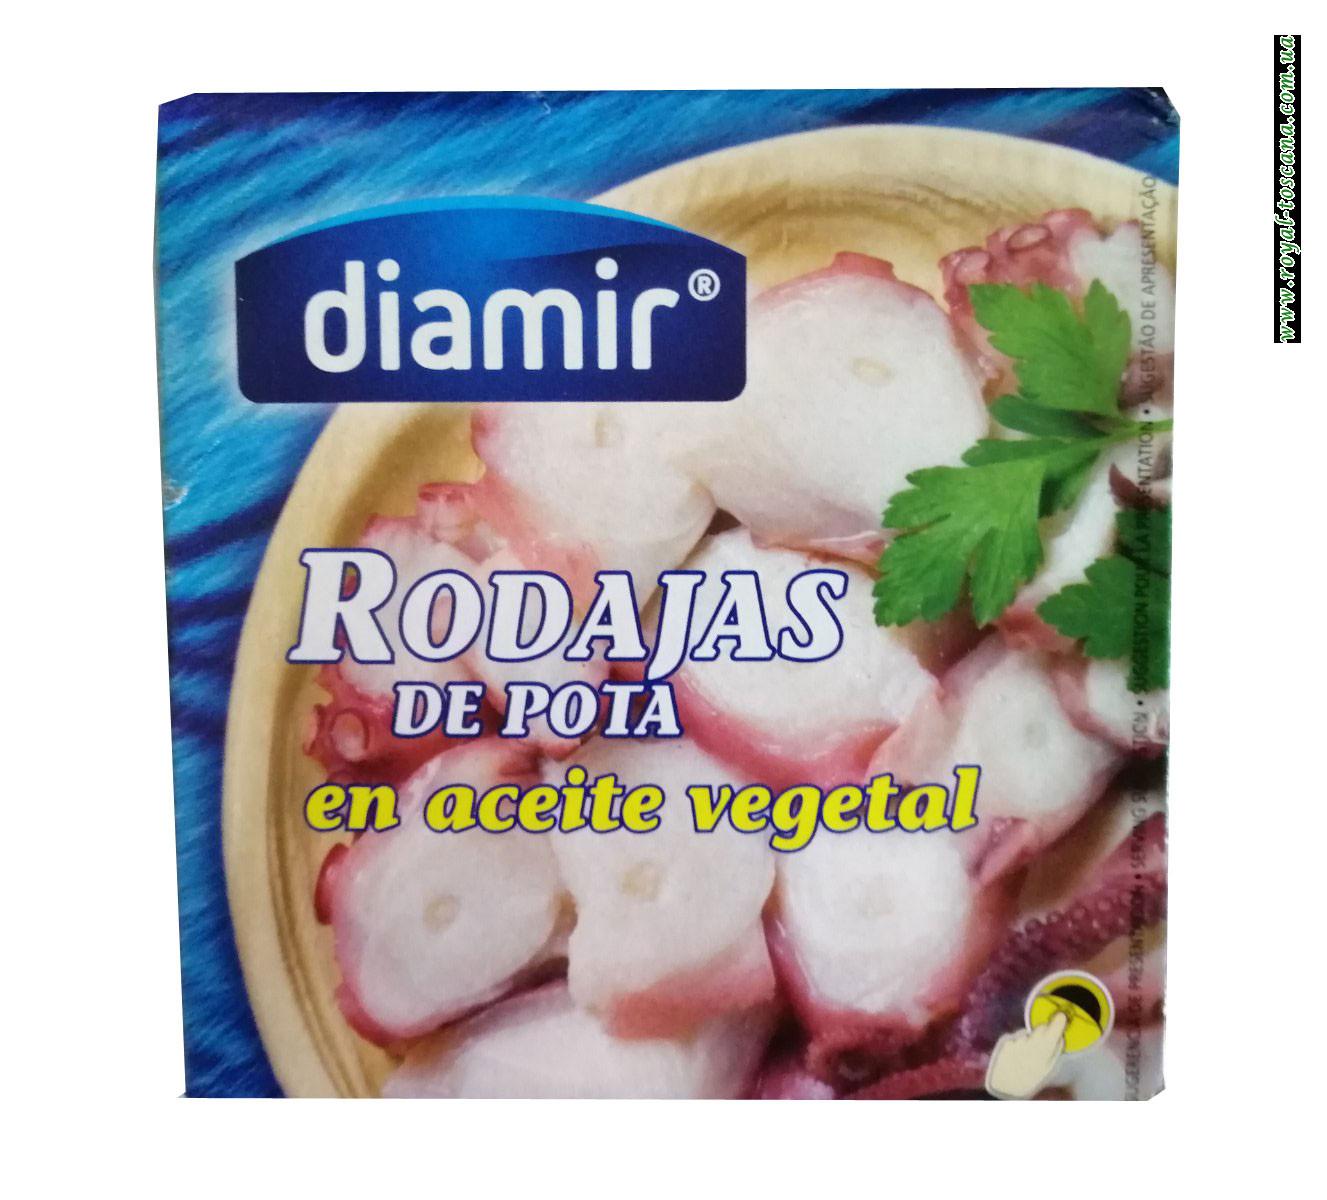 Осьминог в подсолнечном масле Diamir Rodajas De Pota, 266 г.